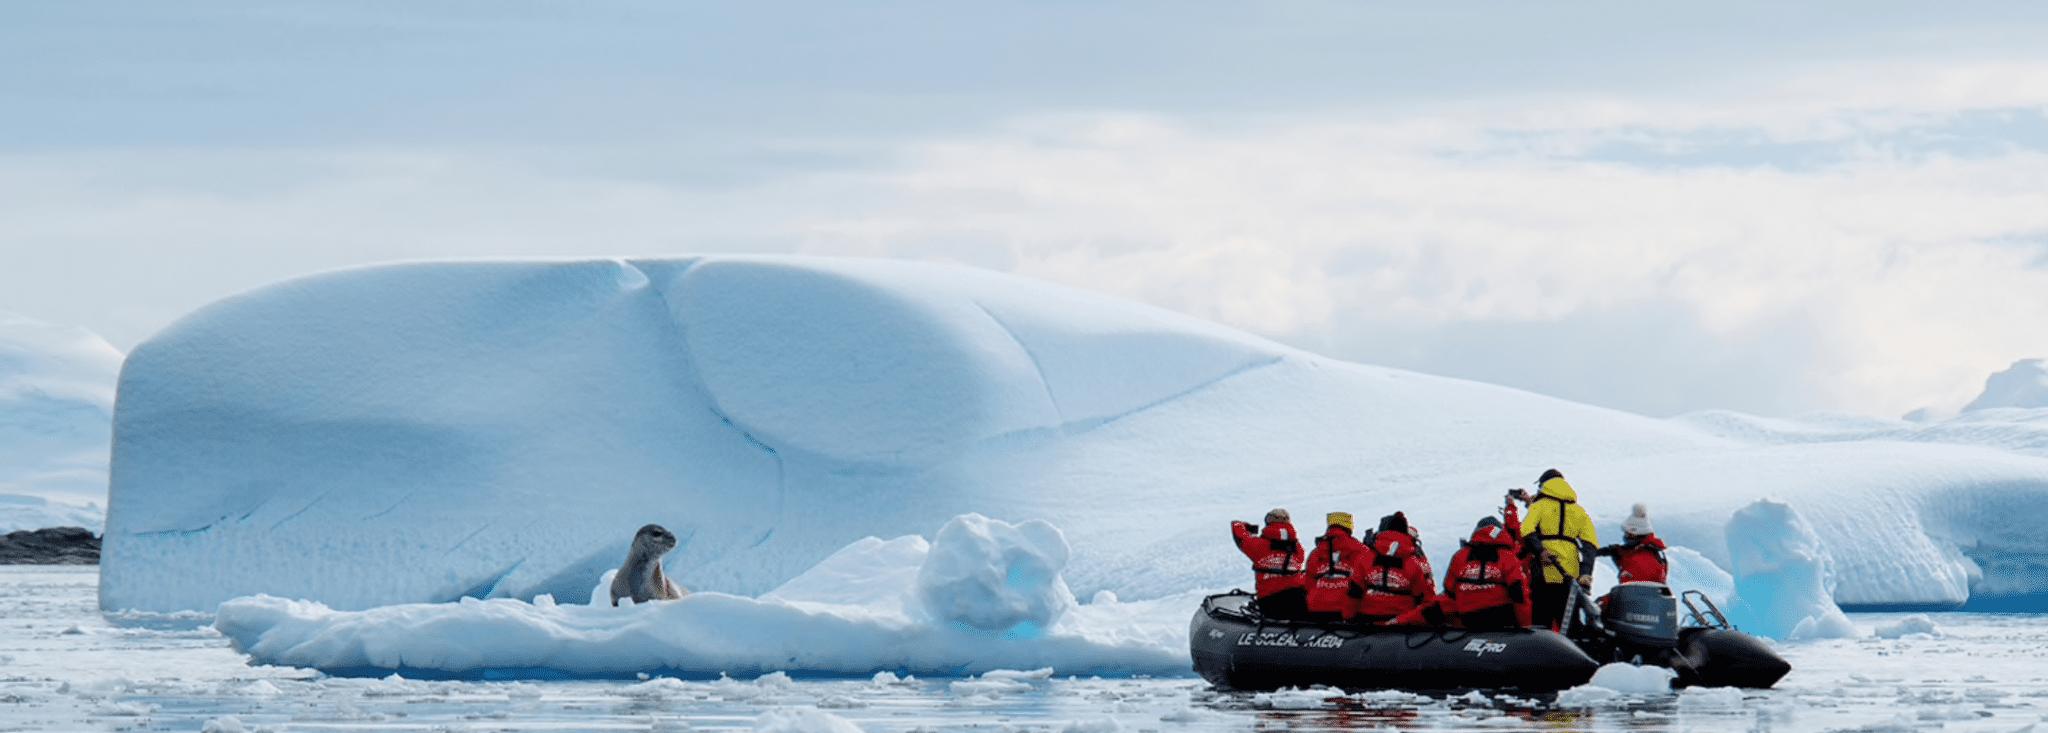 antarctica ponant zodiac boat iceberg